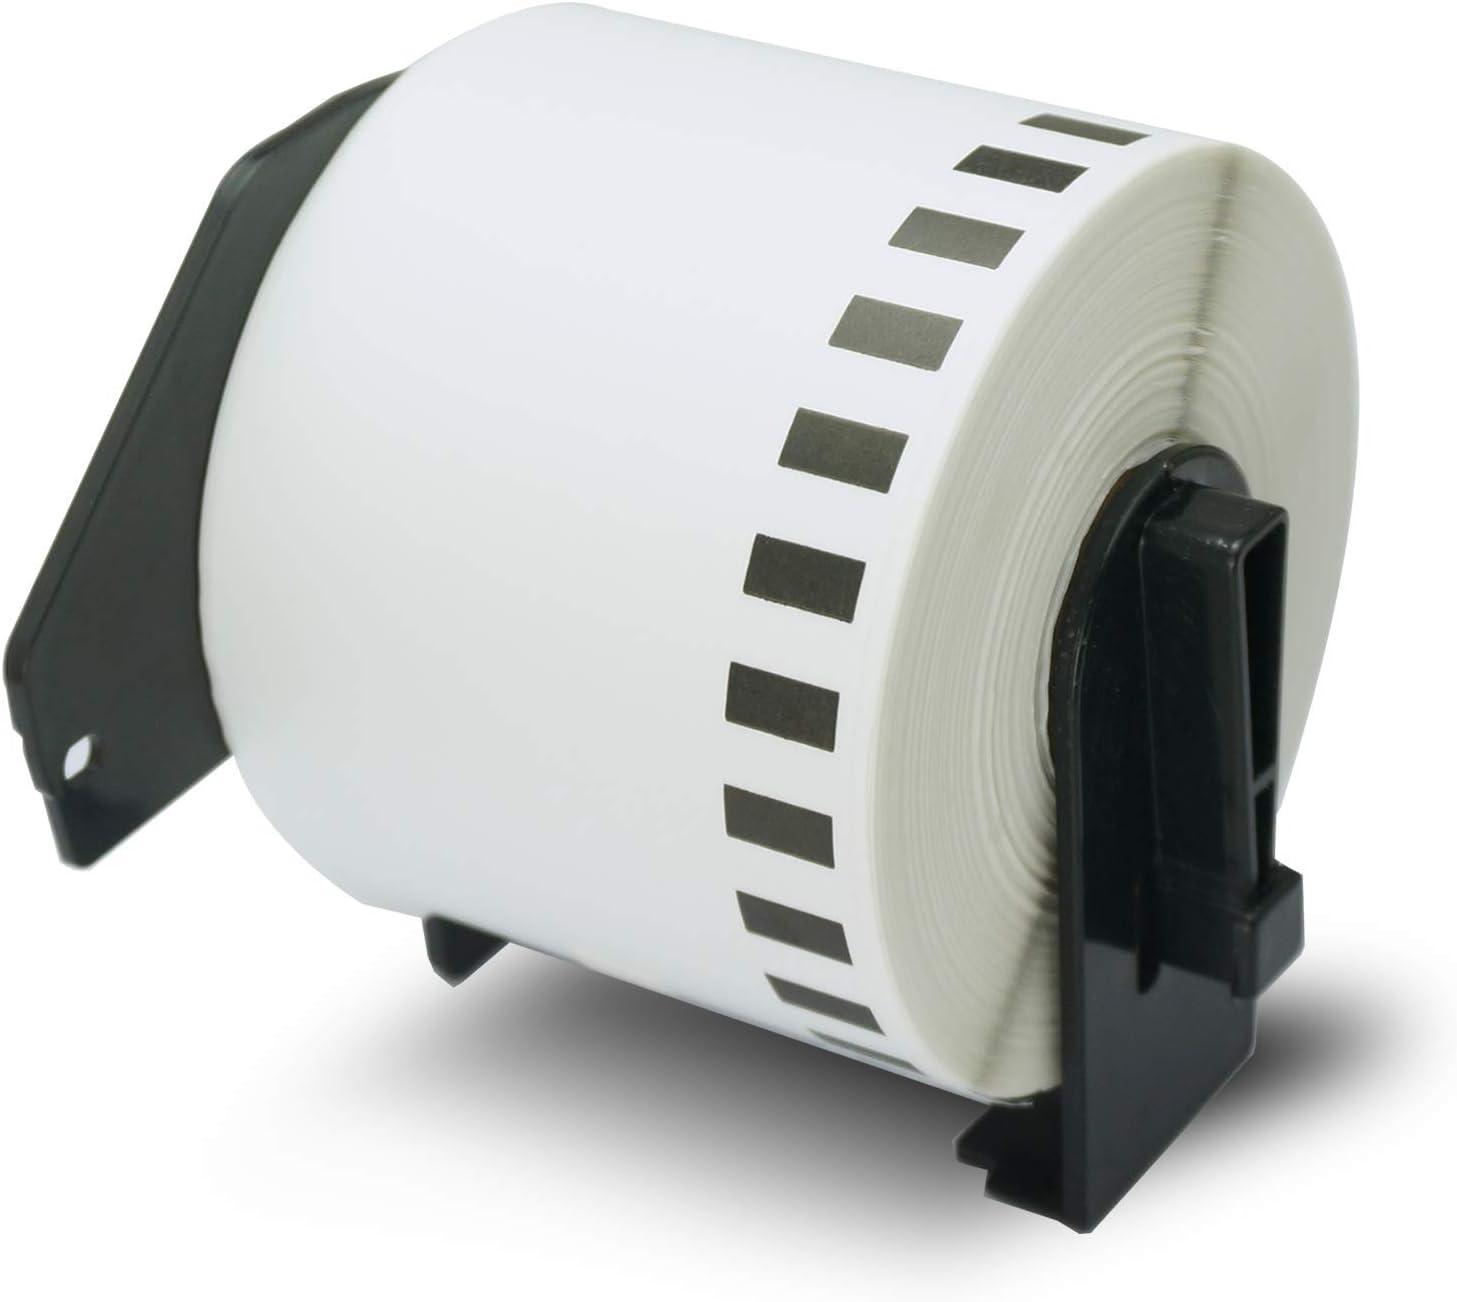 5x DK-11202 62 x 100 mm Compatibili Etichette per Spedizioni per Brother P-Touch QL-1110NWB QL-1100 QL-1060N QL-500 QL-500A QL-570 QL-580 QL-700 QL-710W QL-800 QL-810W QL-820NWB 300 Etichette//Rotolo